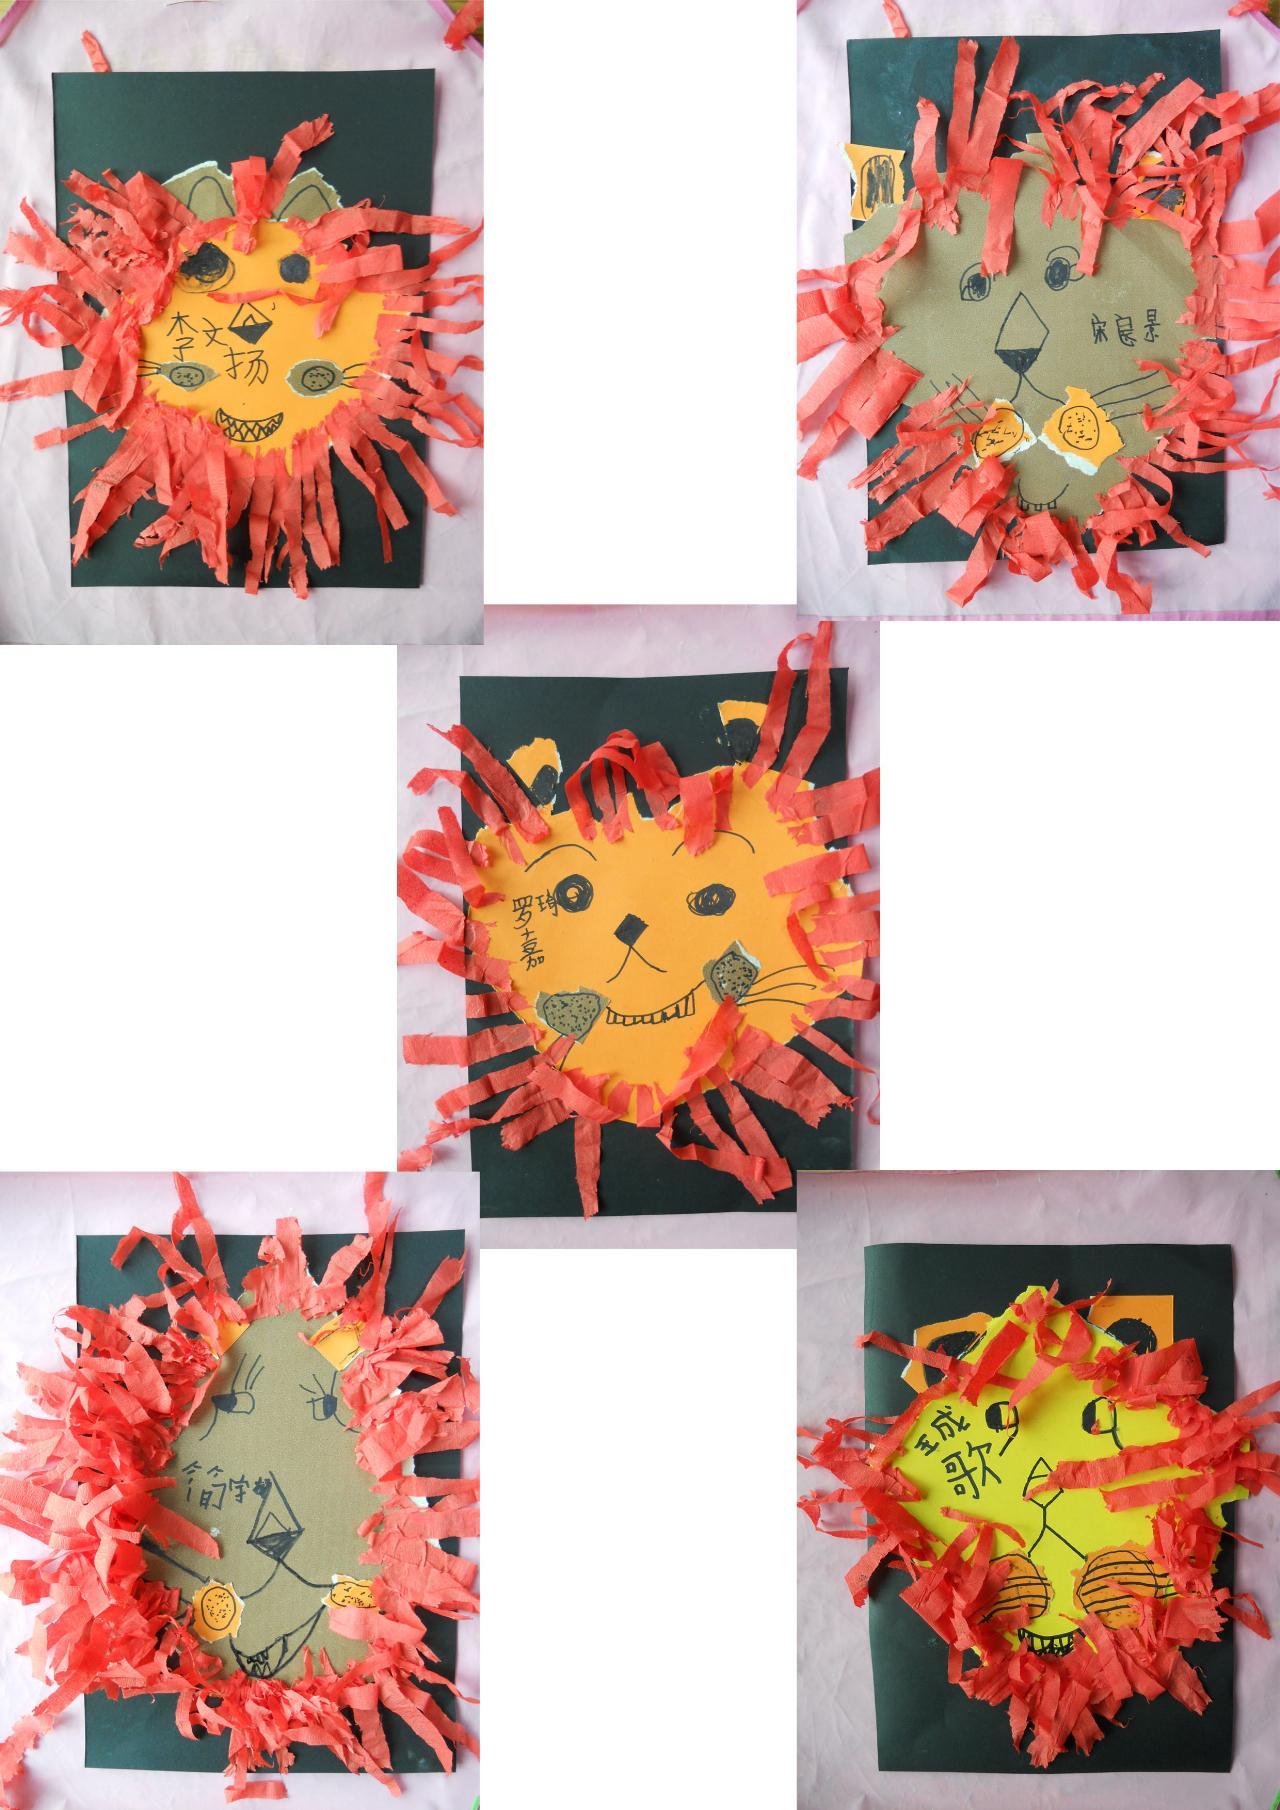 幼儿园创意手指点画_幼儿园小班手指点画幼儿园大